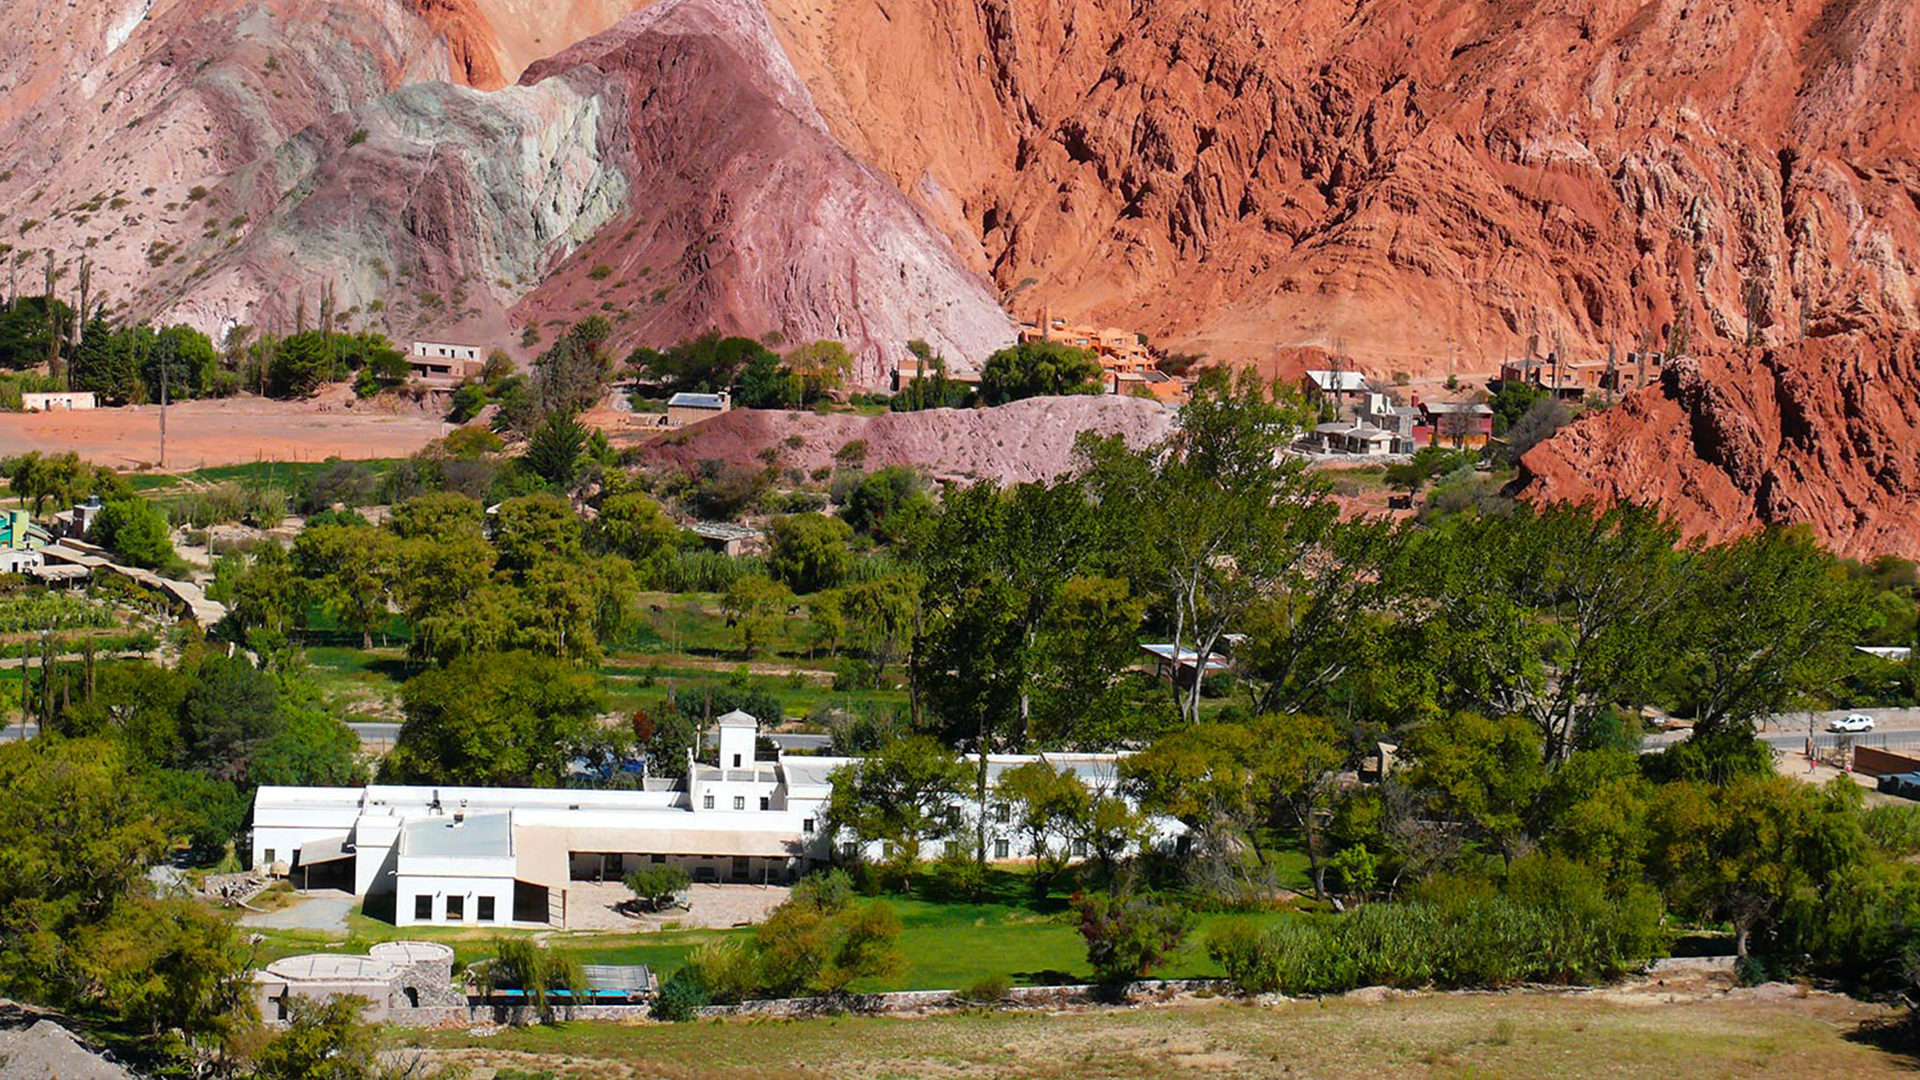 El Manantial del Silencio Hotel and Spa